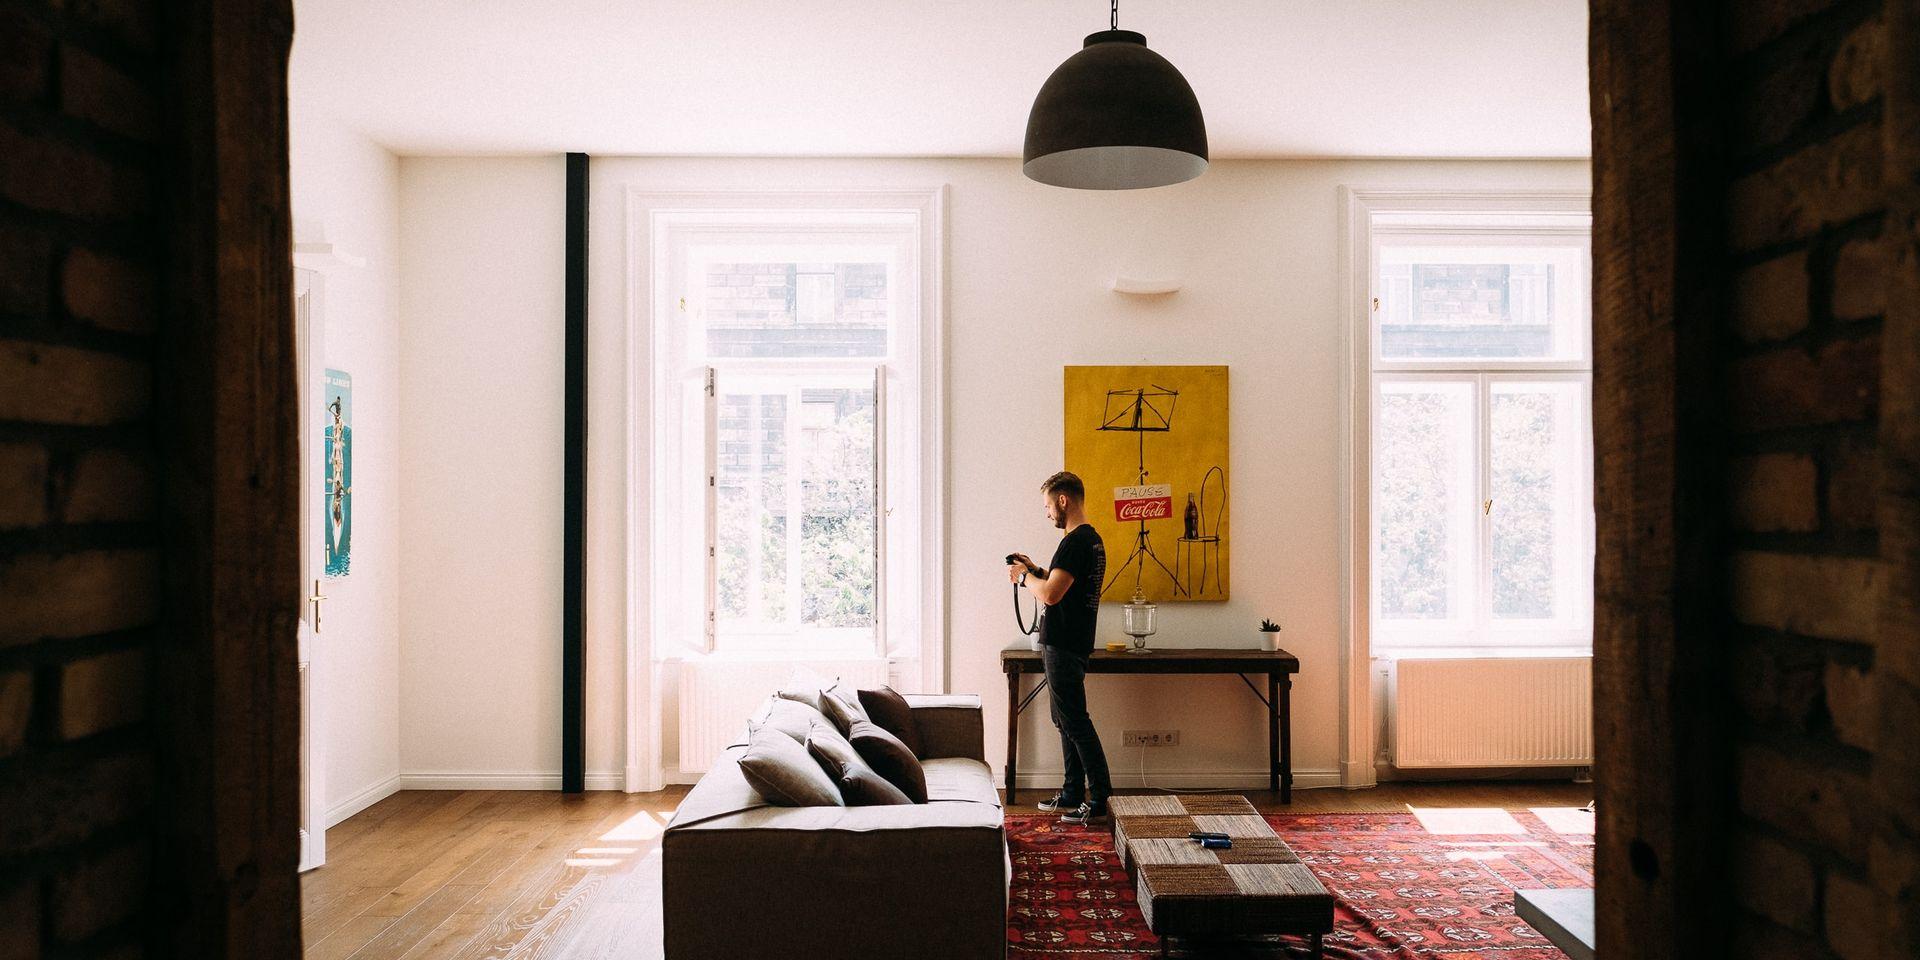 Продажа земельных участков в Санкт-Петербурге